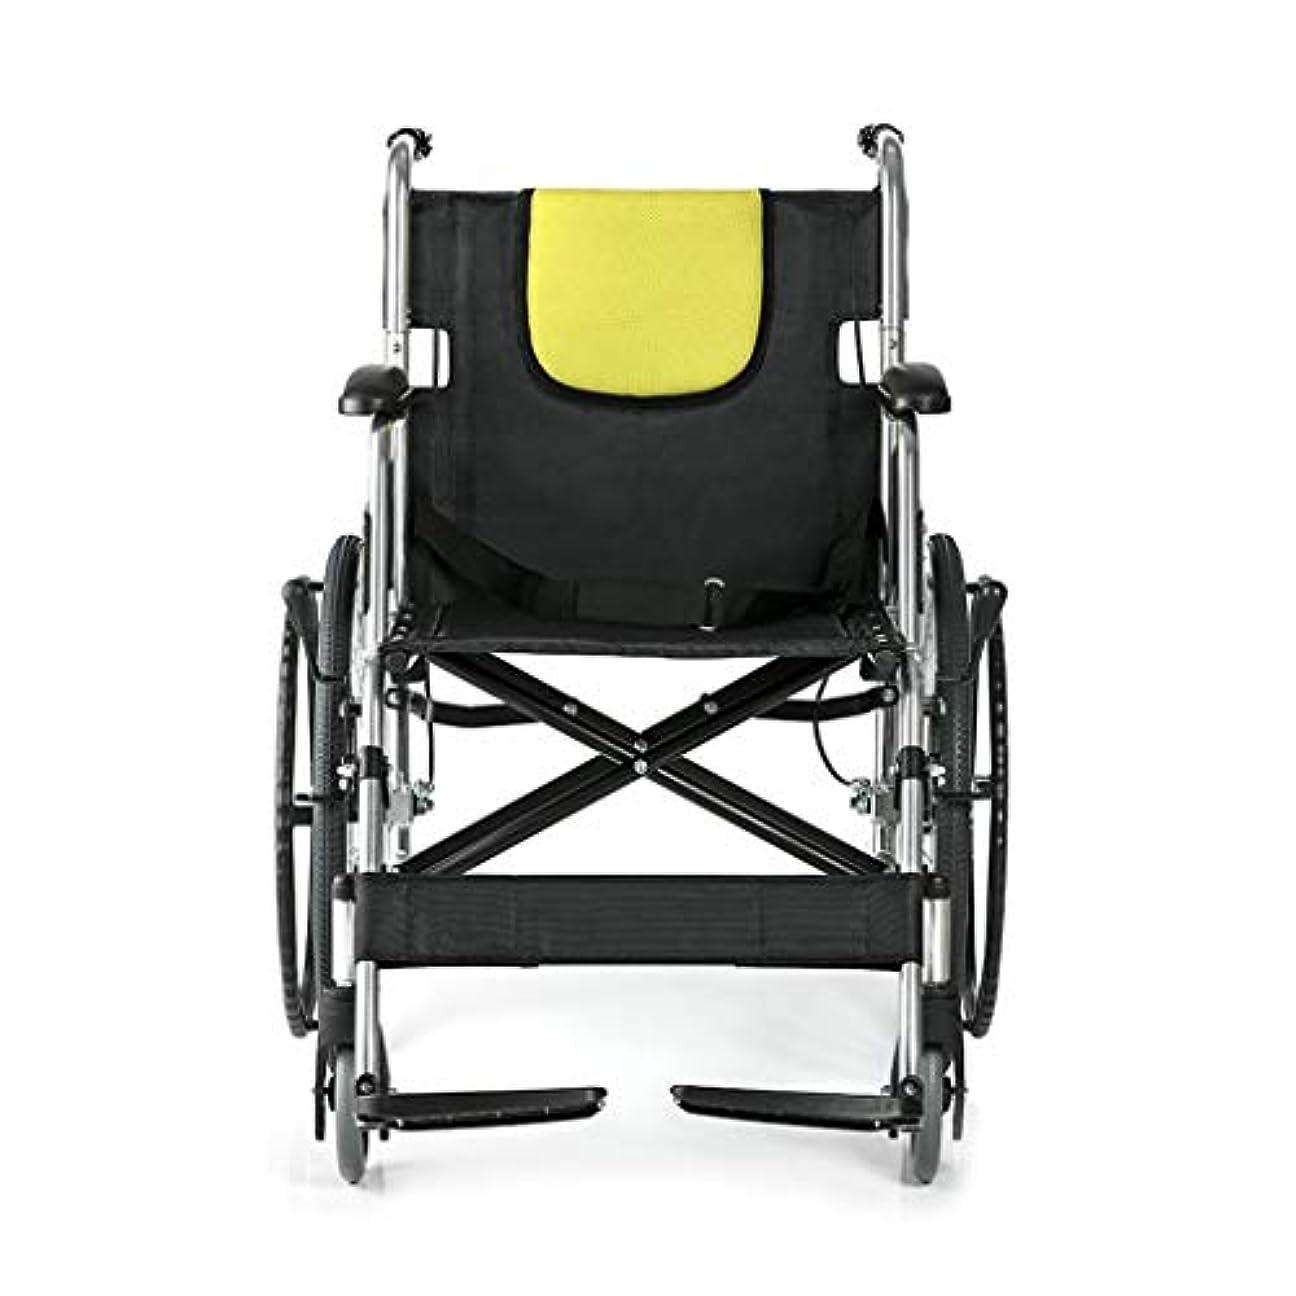 複製する代表ラベ車椅子の老人は折り畳むことができ、障害者、高齢者、リハビリテーション患者向けの車椅子用に4つのブレーキが設計されています